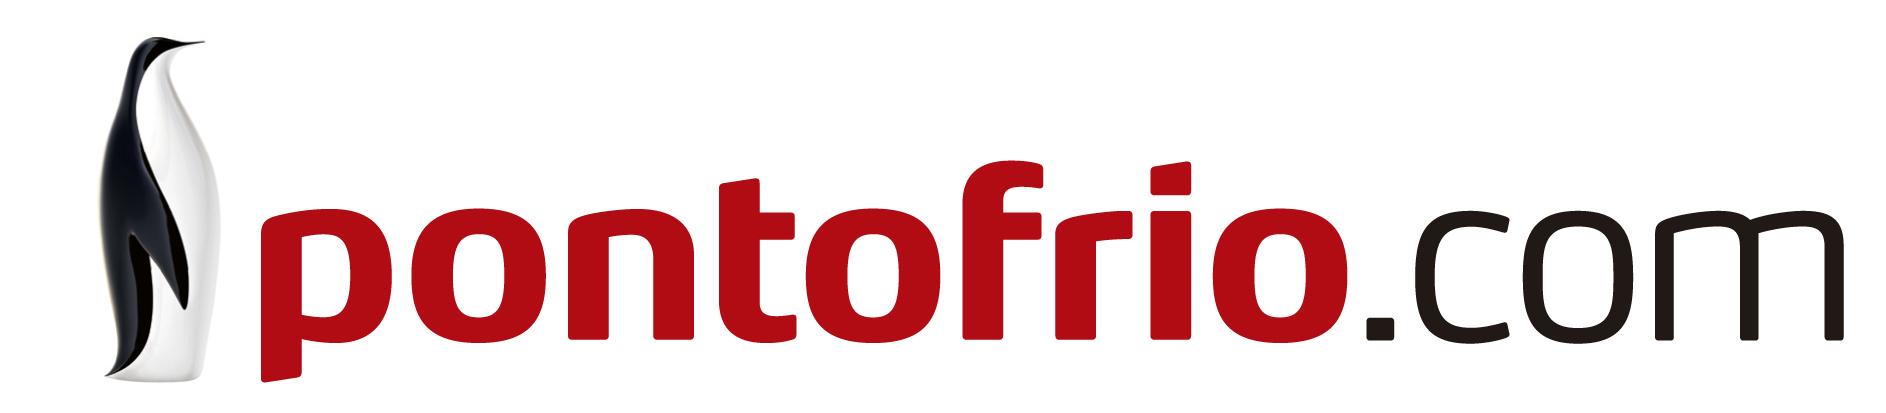 logo Pontofrio.com